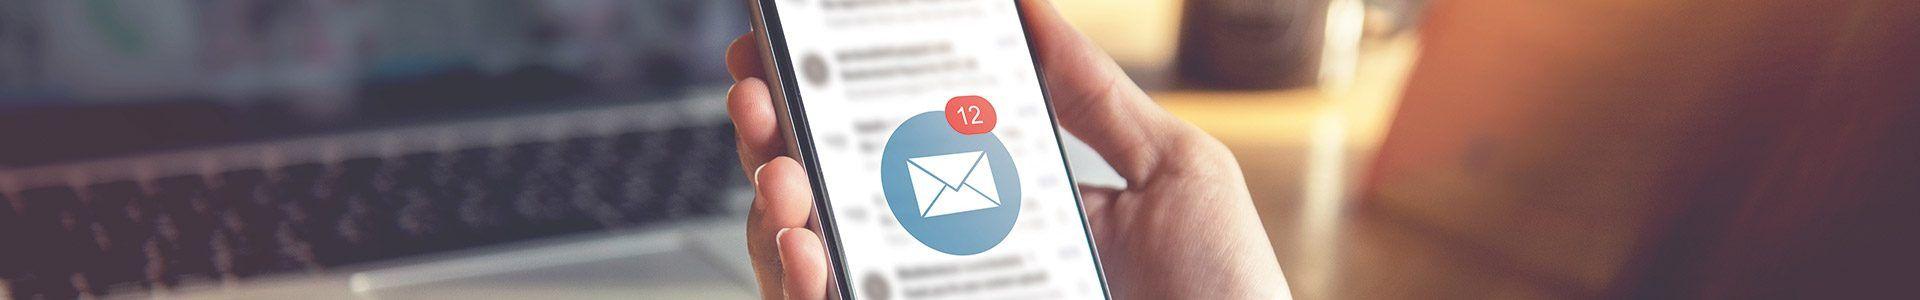 voorbeeld van direct mail versturen hoe onze mailing een succes is geworden